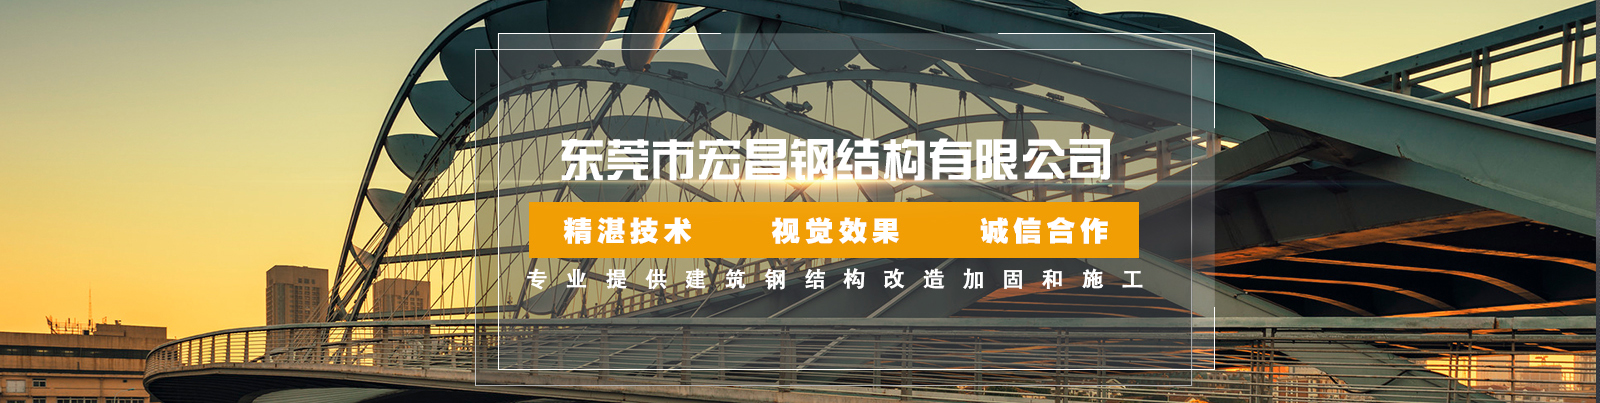 东莞市宏昌钢结构有限公司